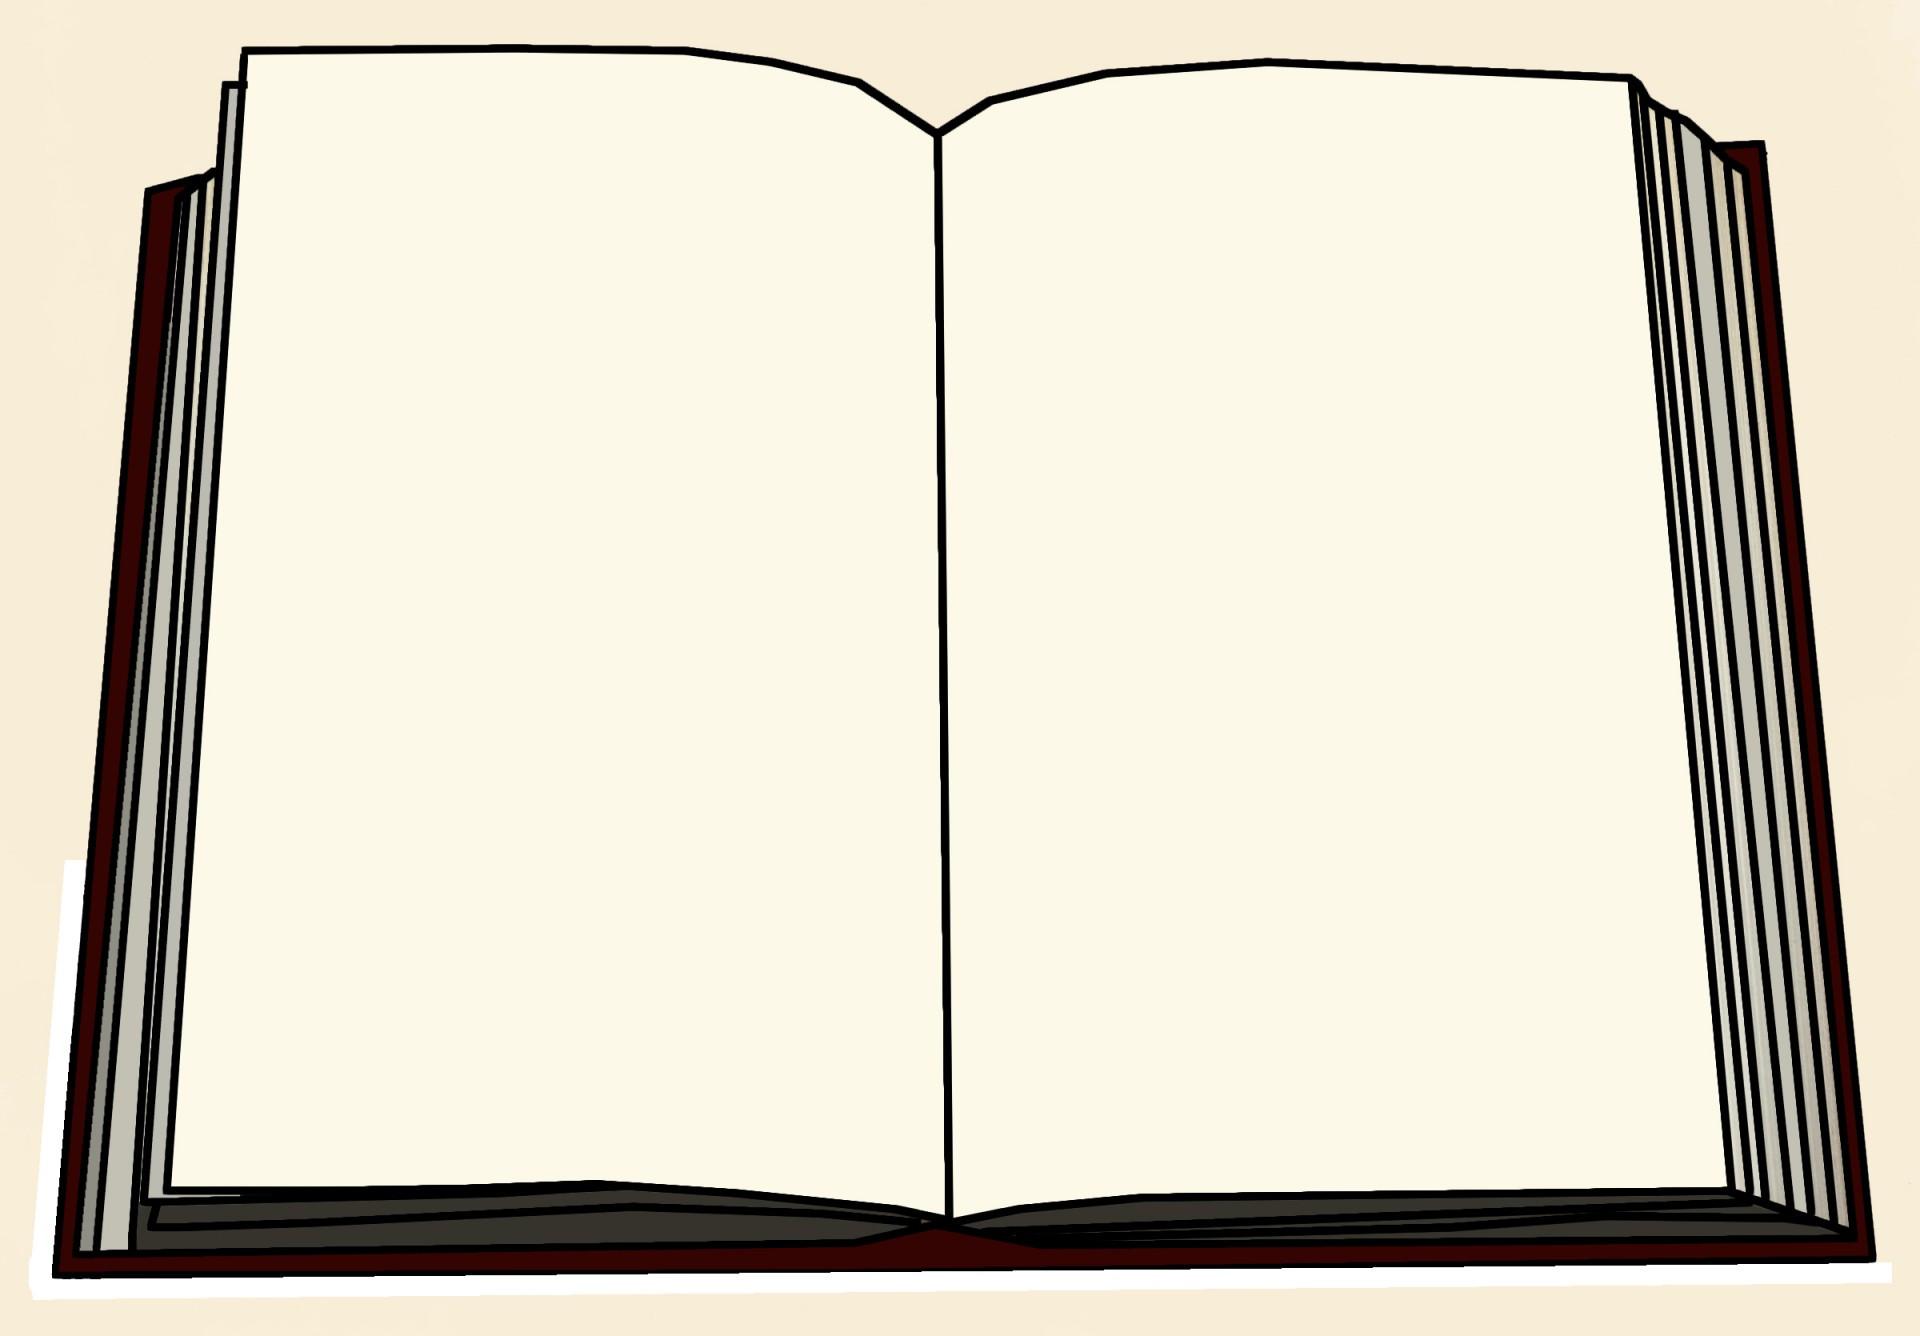 1920x1336 Blank Book Clipart Open Face T Clip Art Net Tearing Books